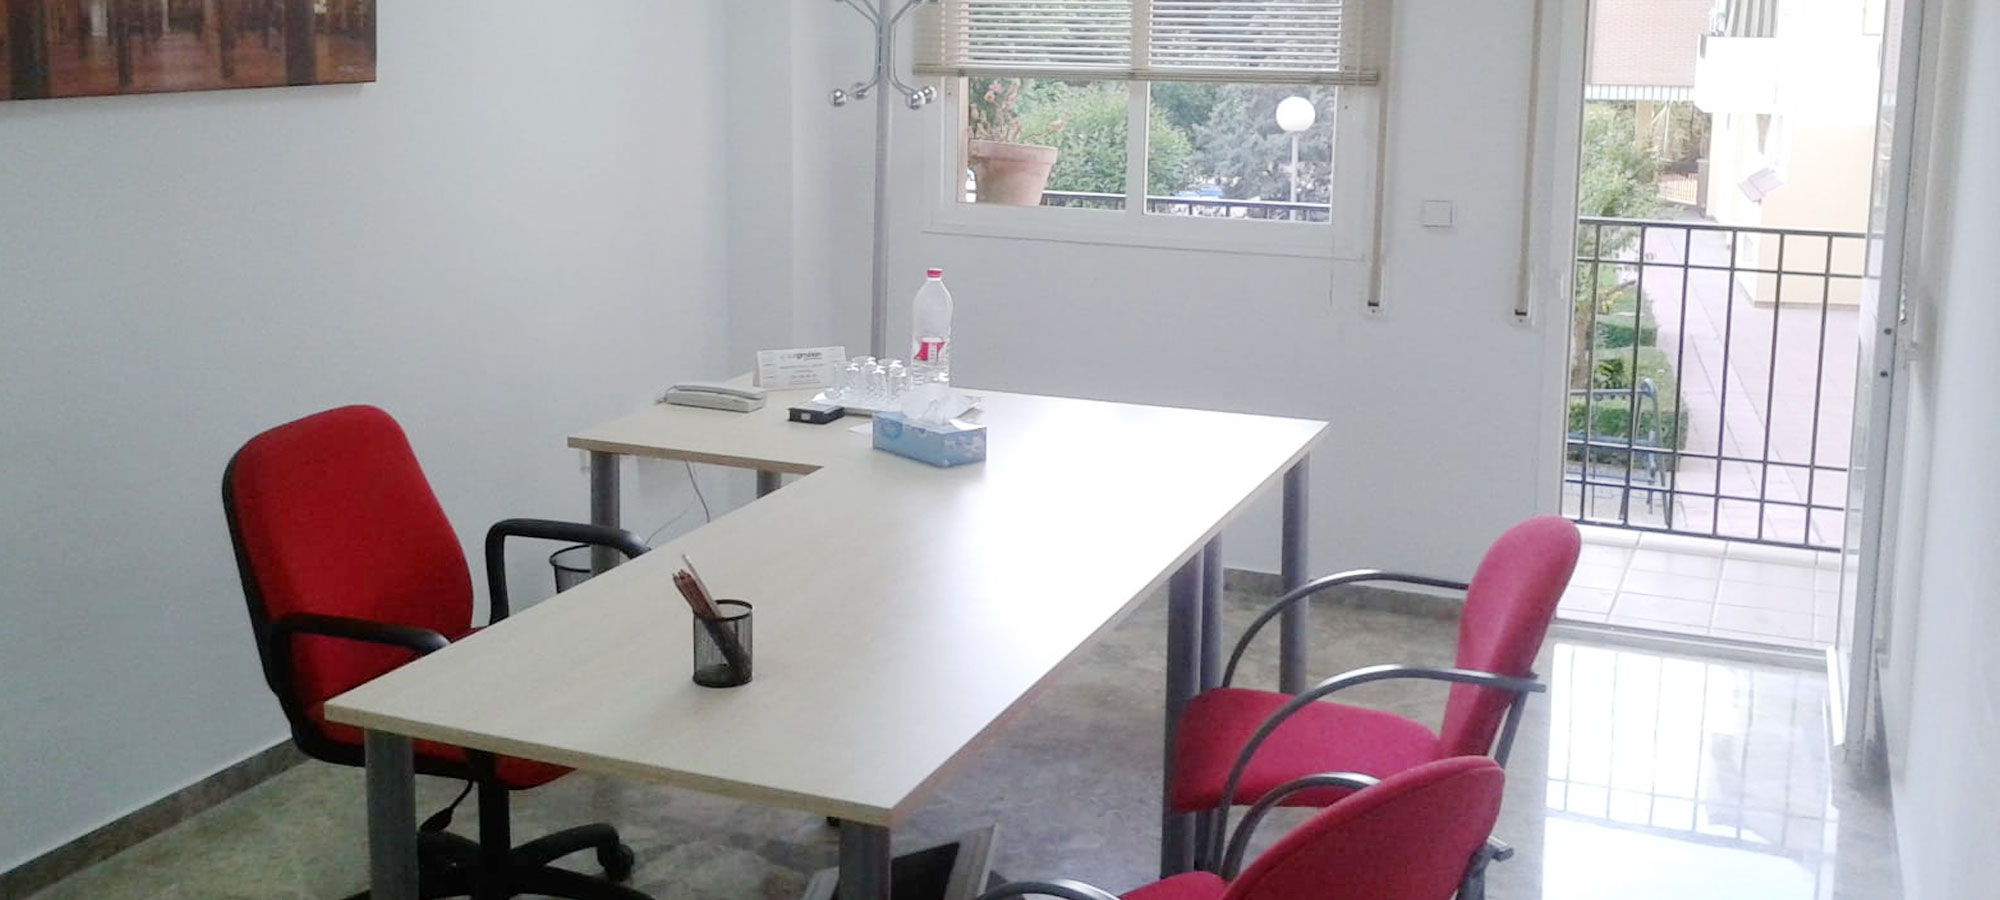 Alquiler oficinas y despachos en cordoba for Mobiliario de oficina en cordoba